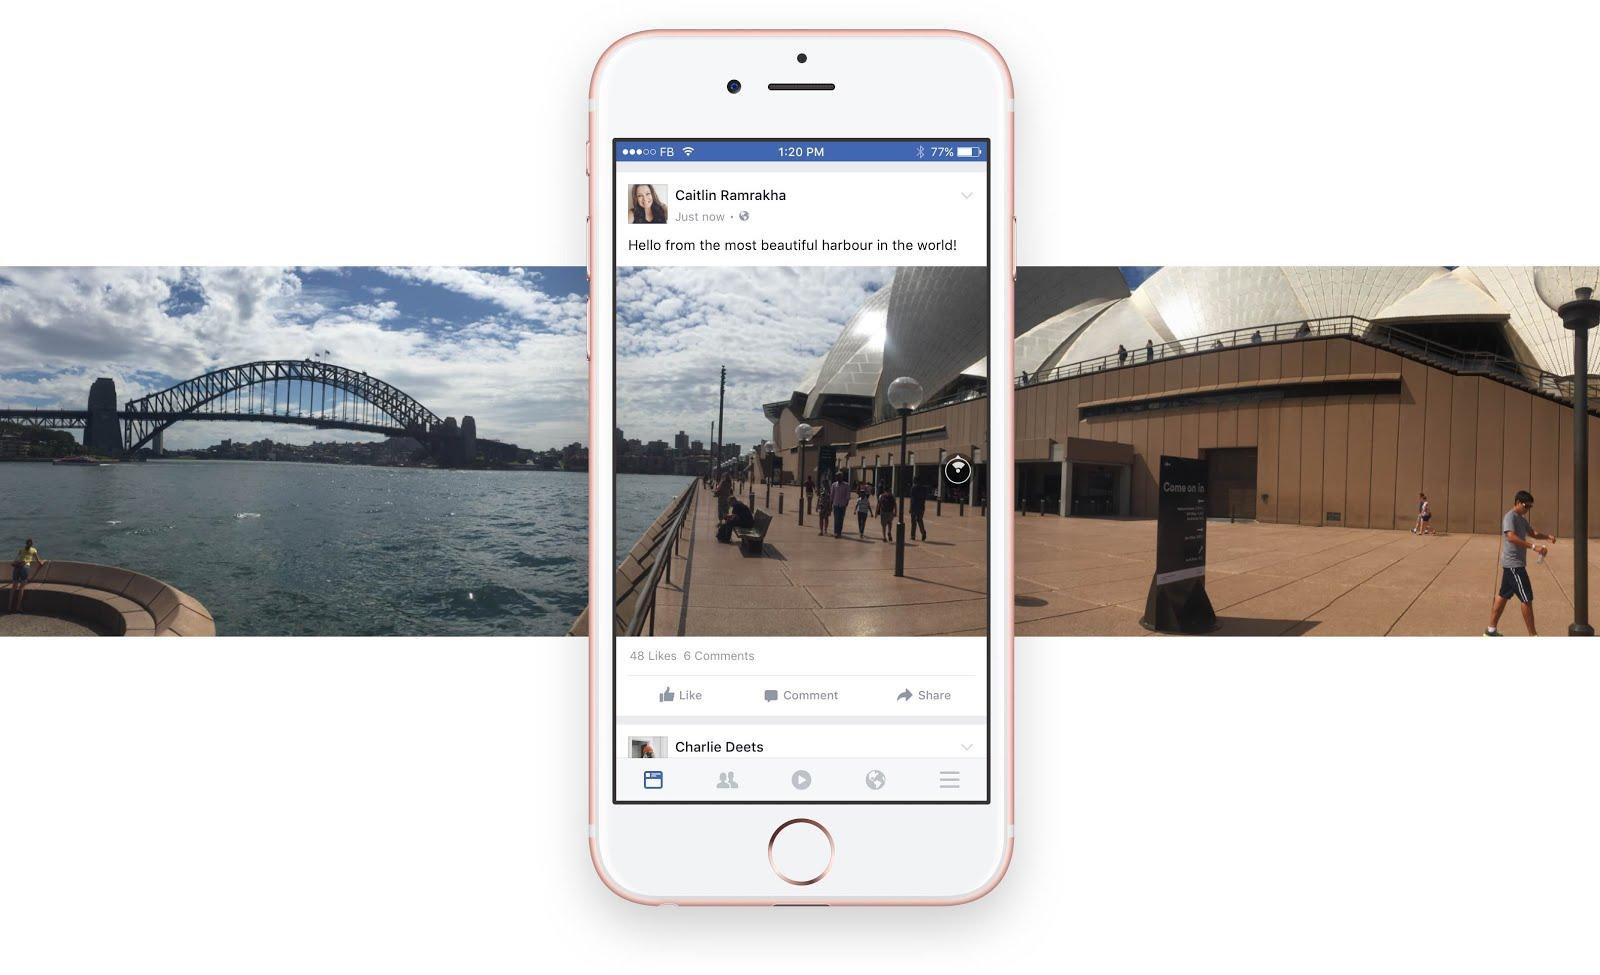 الصور البانورامية في الفيسبوك على الايفون